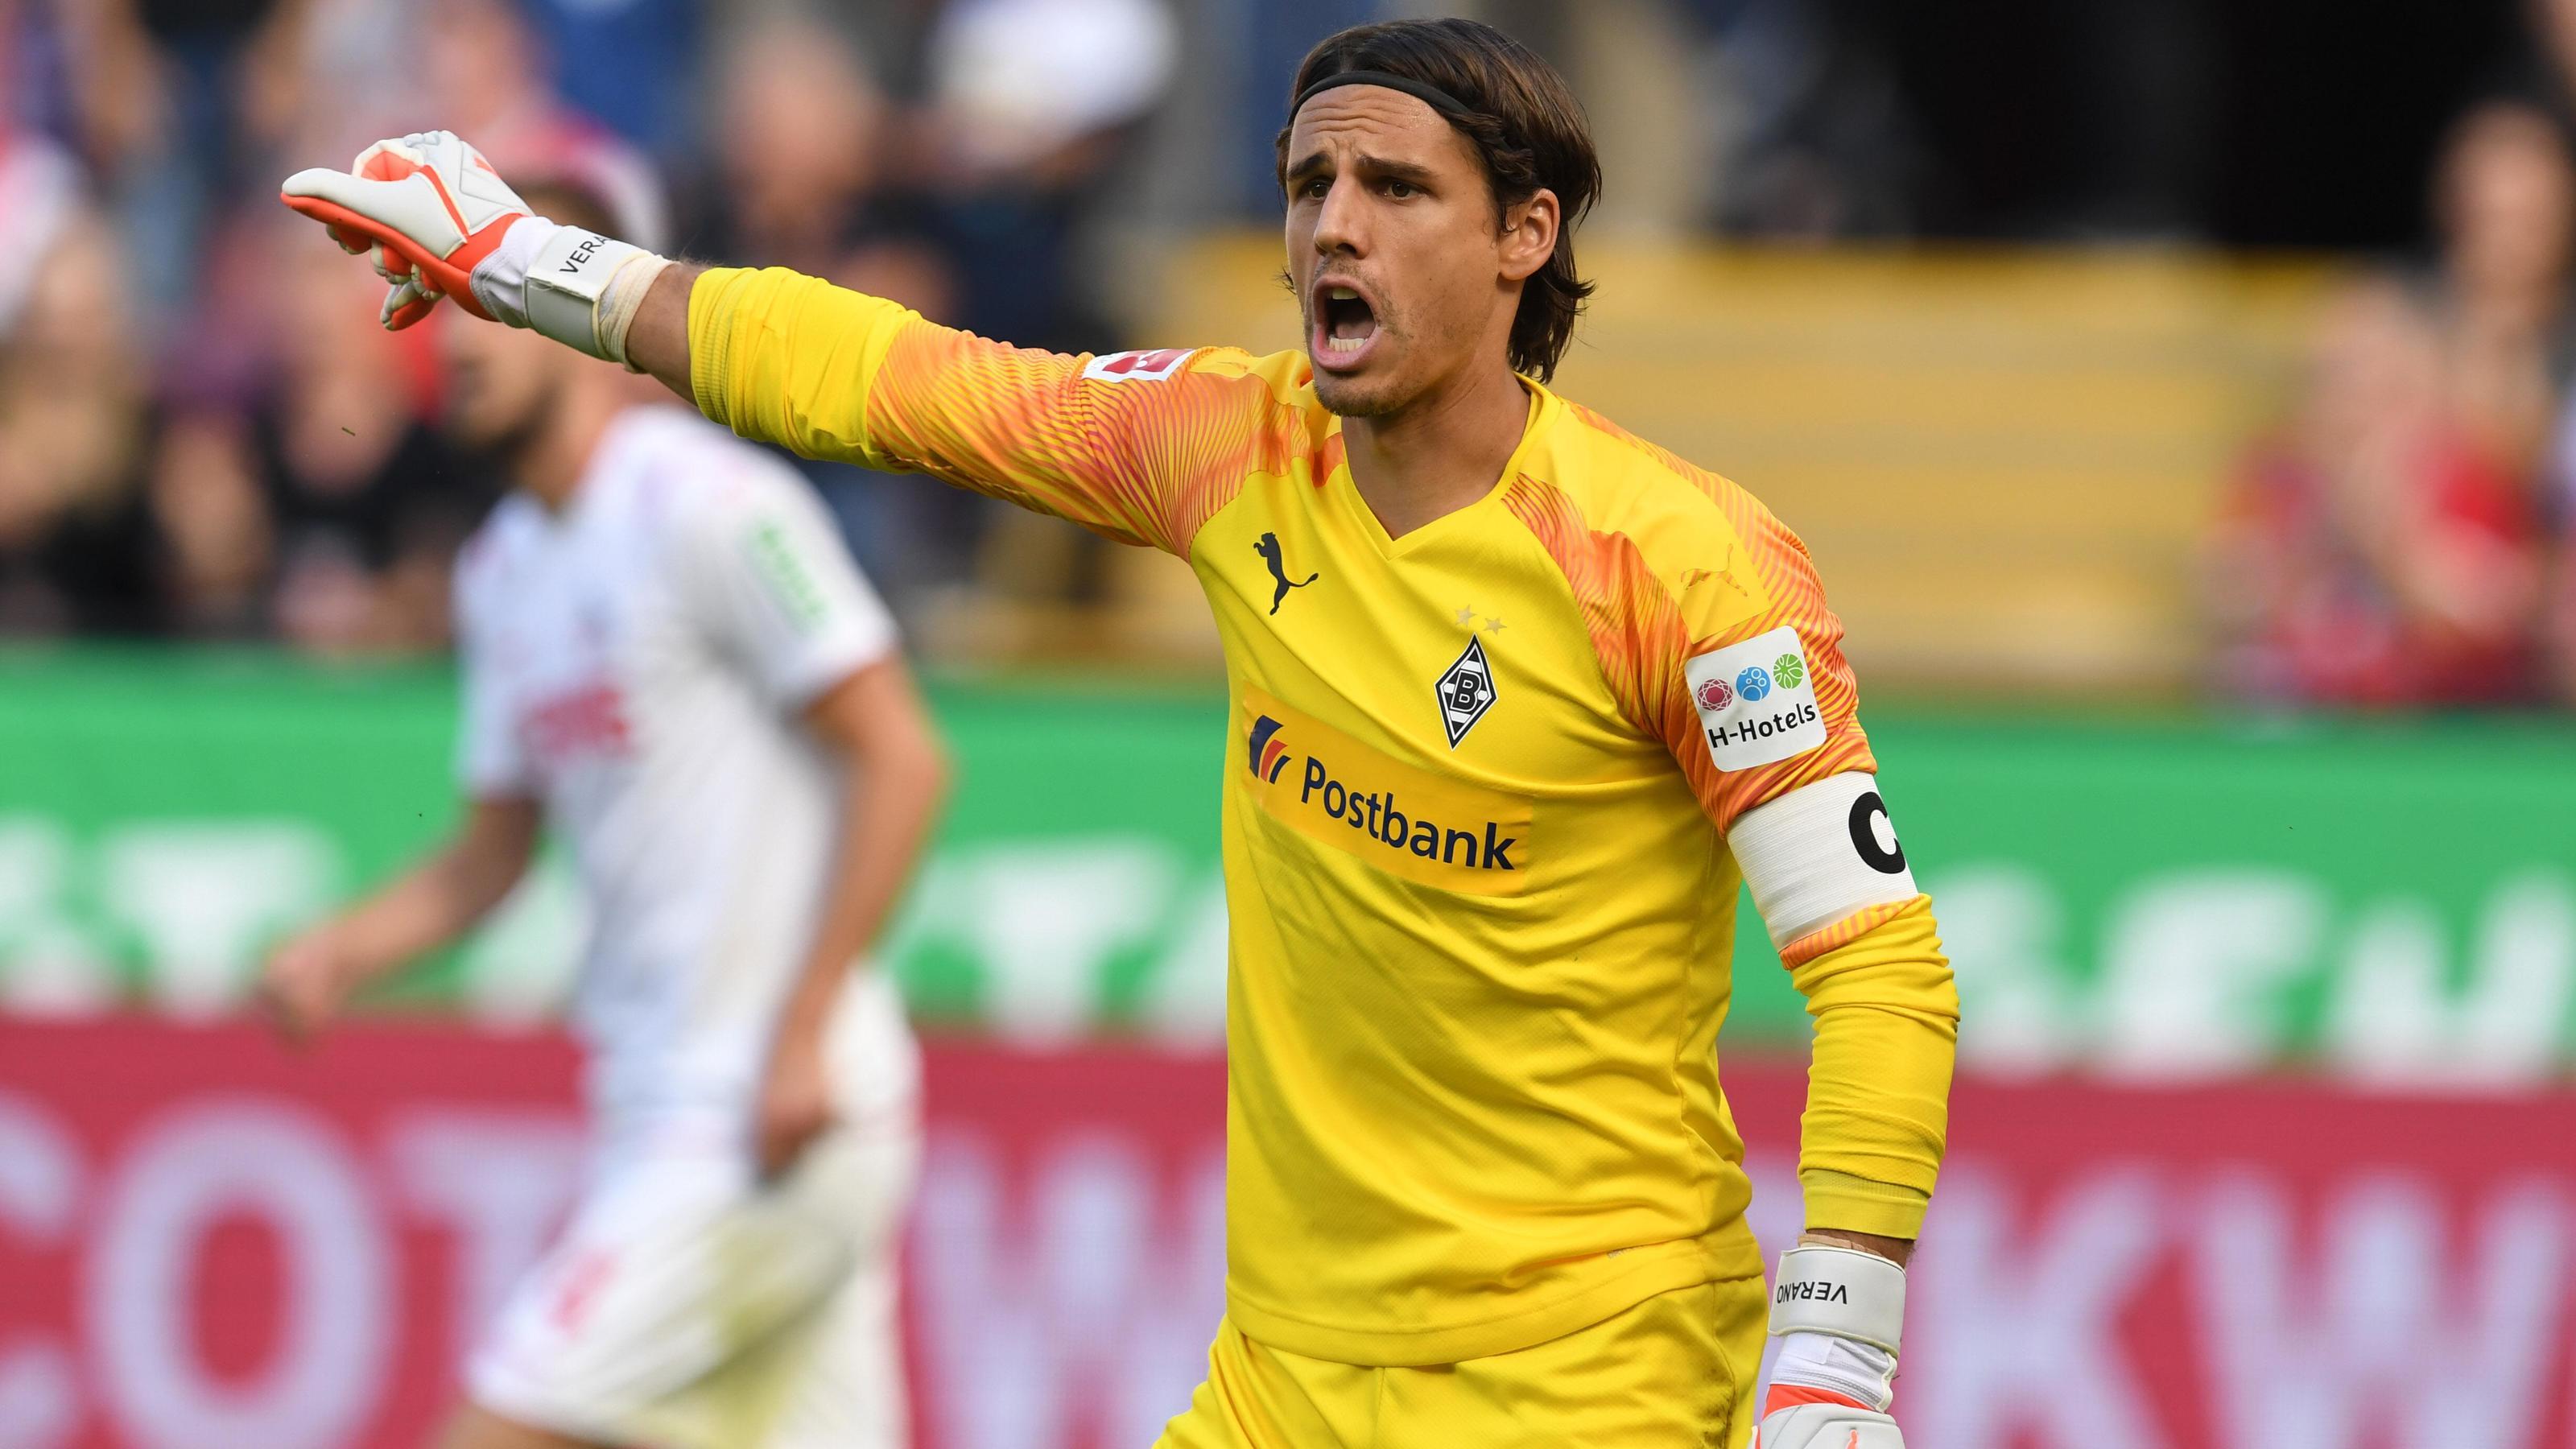 Europa League Heute Vitoria Guimaraes Eintracht Frankfurt